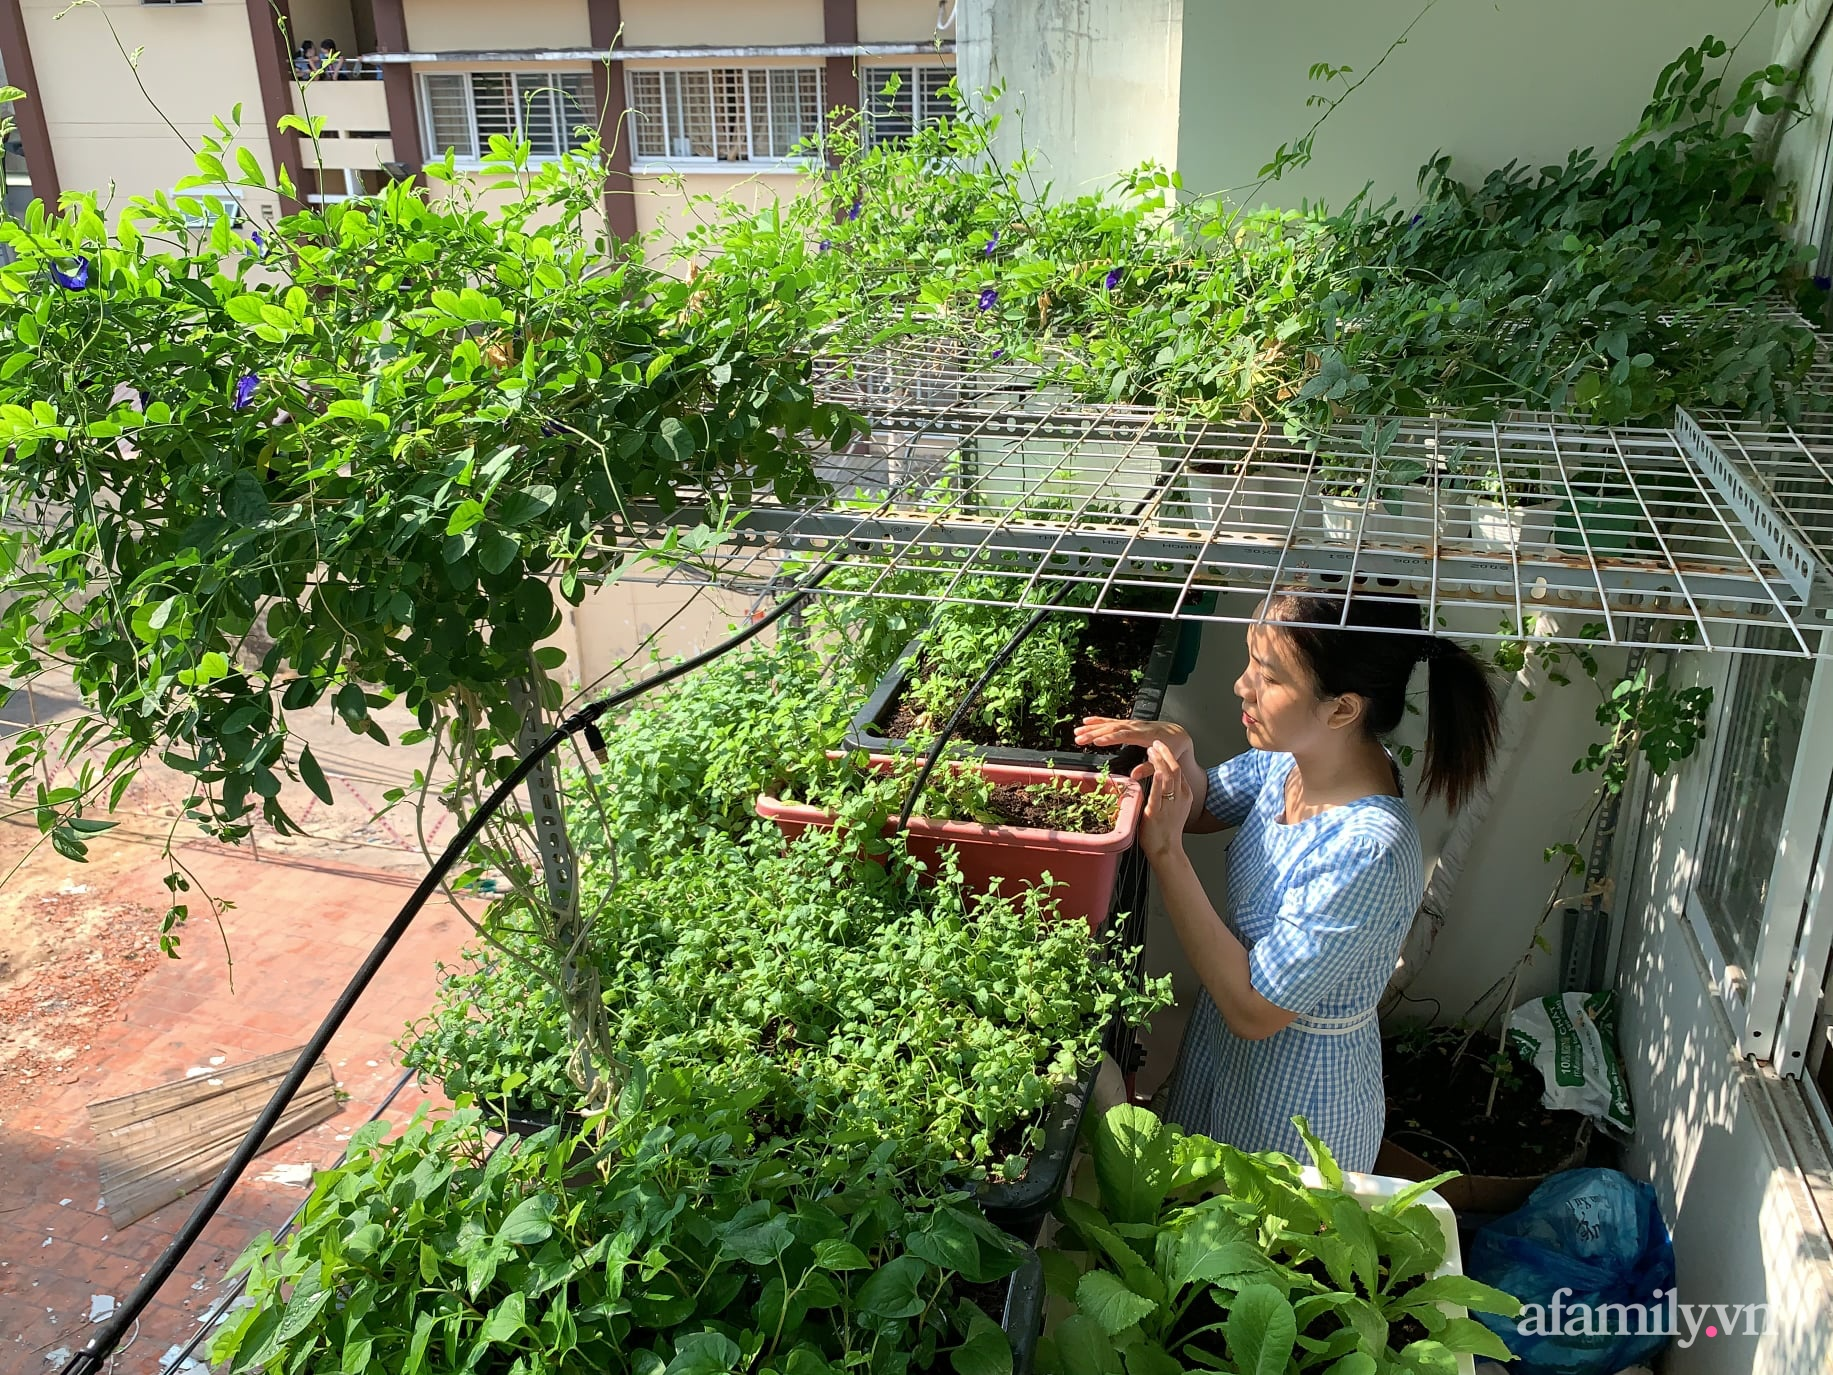 Ban công 3m² phủ kín rau sạch quanh năm tươi tốt của ông bố đảm 3 con ở Bình Thạnh, Sài Gòn - Ảnh 3.